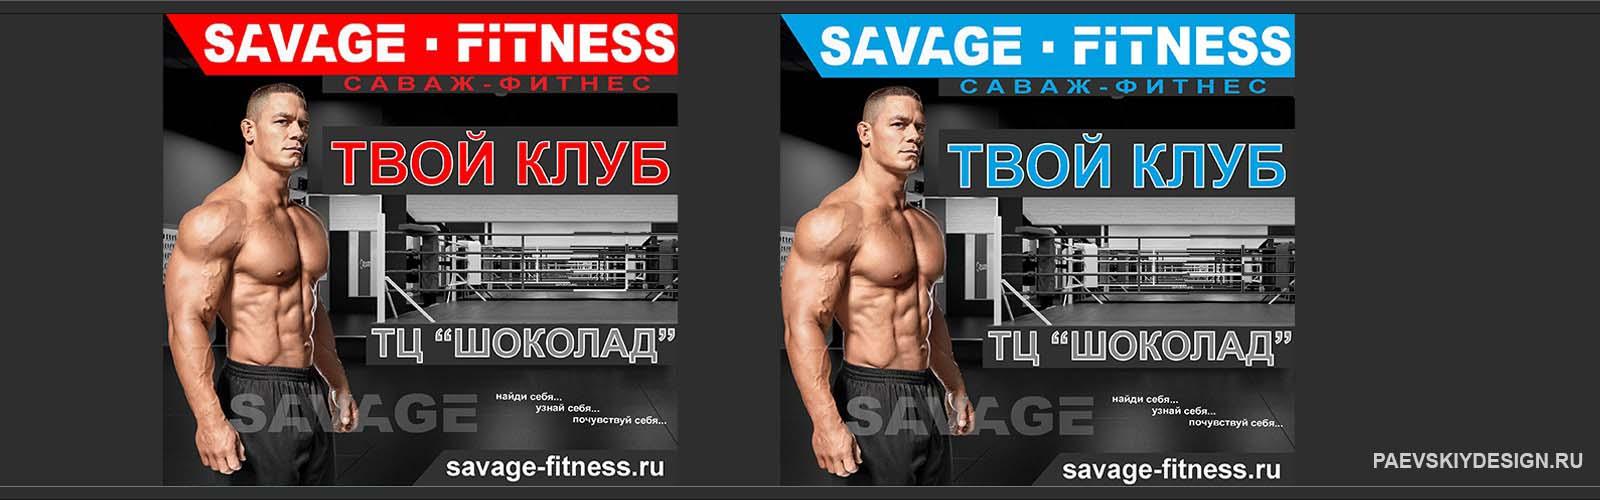 Графический дизайн материалов для фитнес клуба SAVAGE, особенности